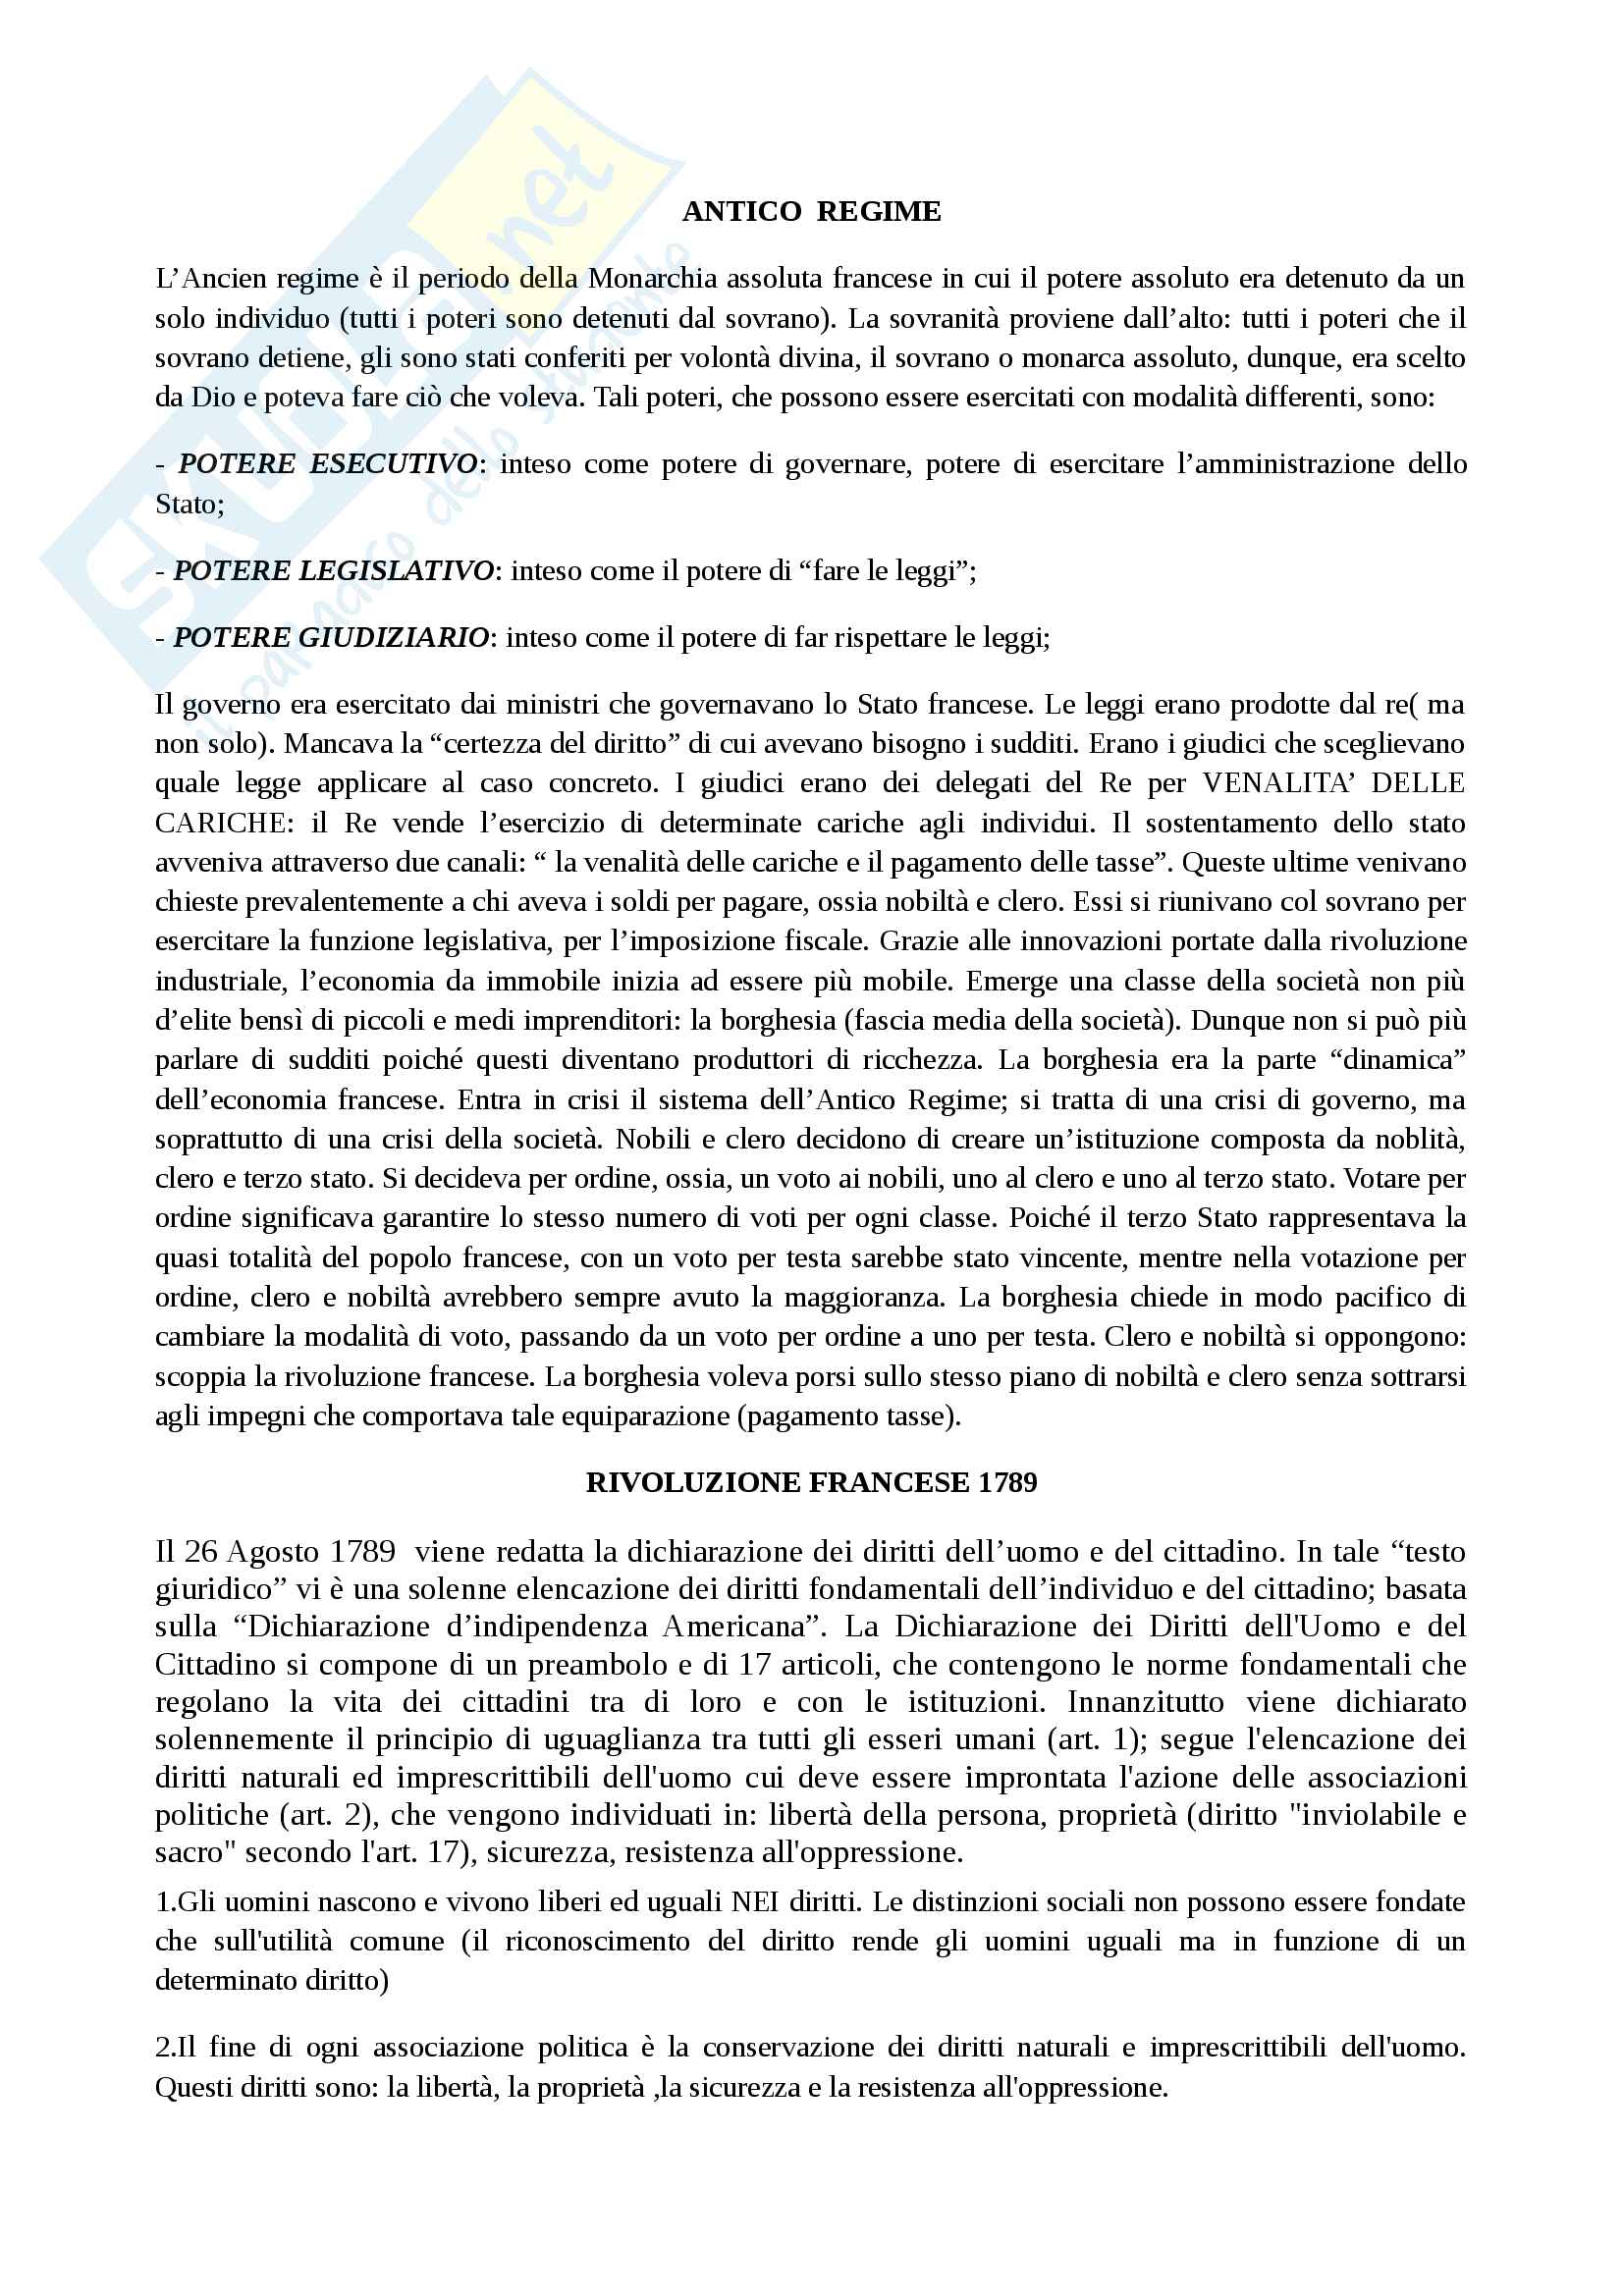 Storia delle istituzioni politiche 1° parte (perfetto per 1° prova intercorso)